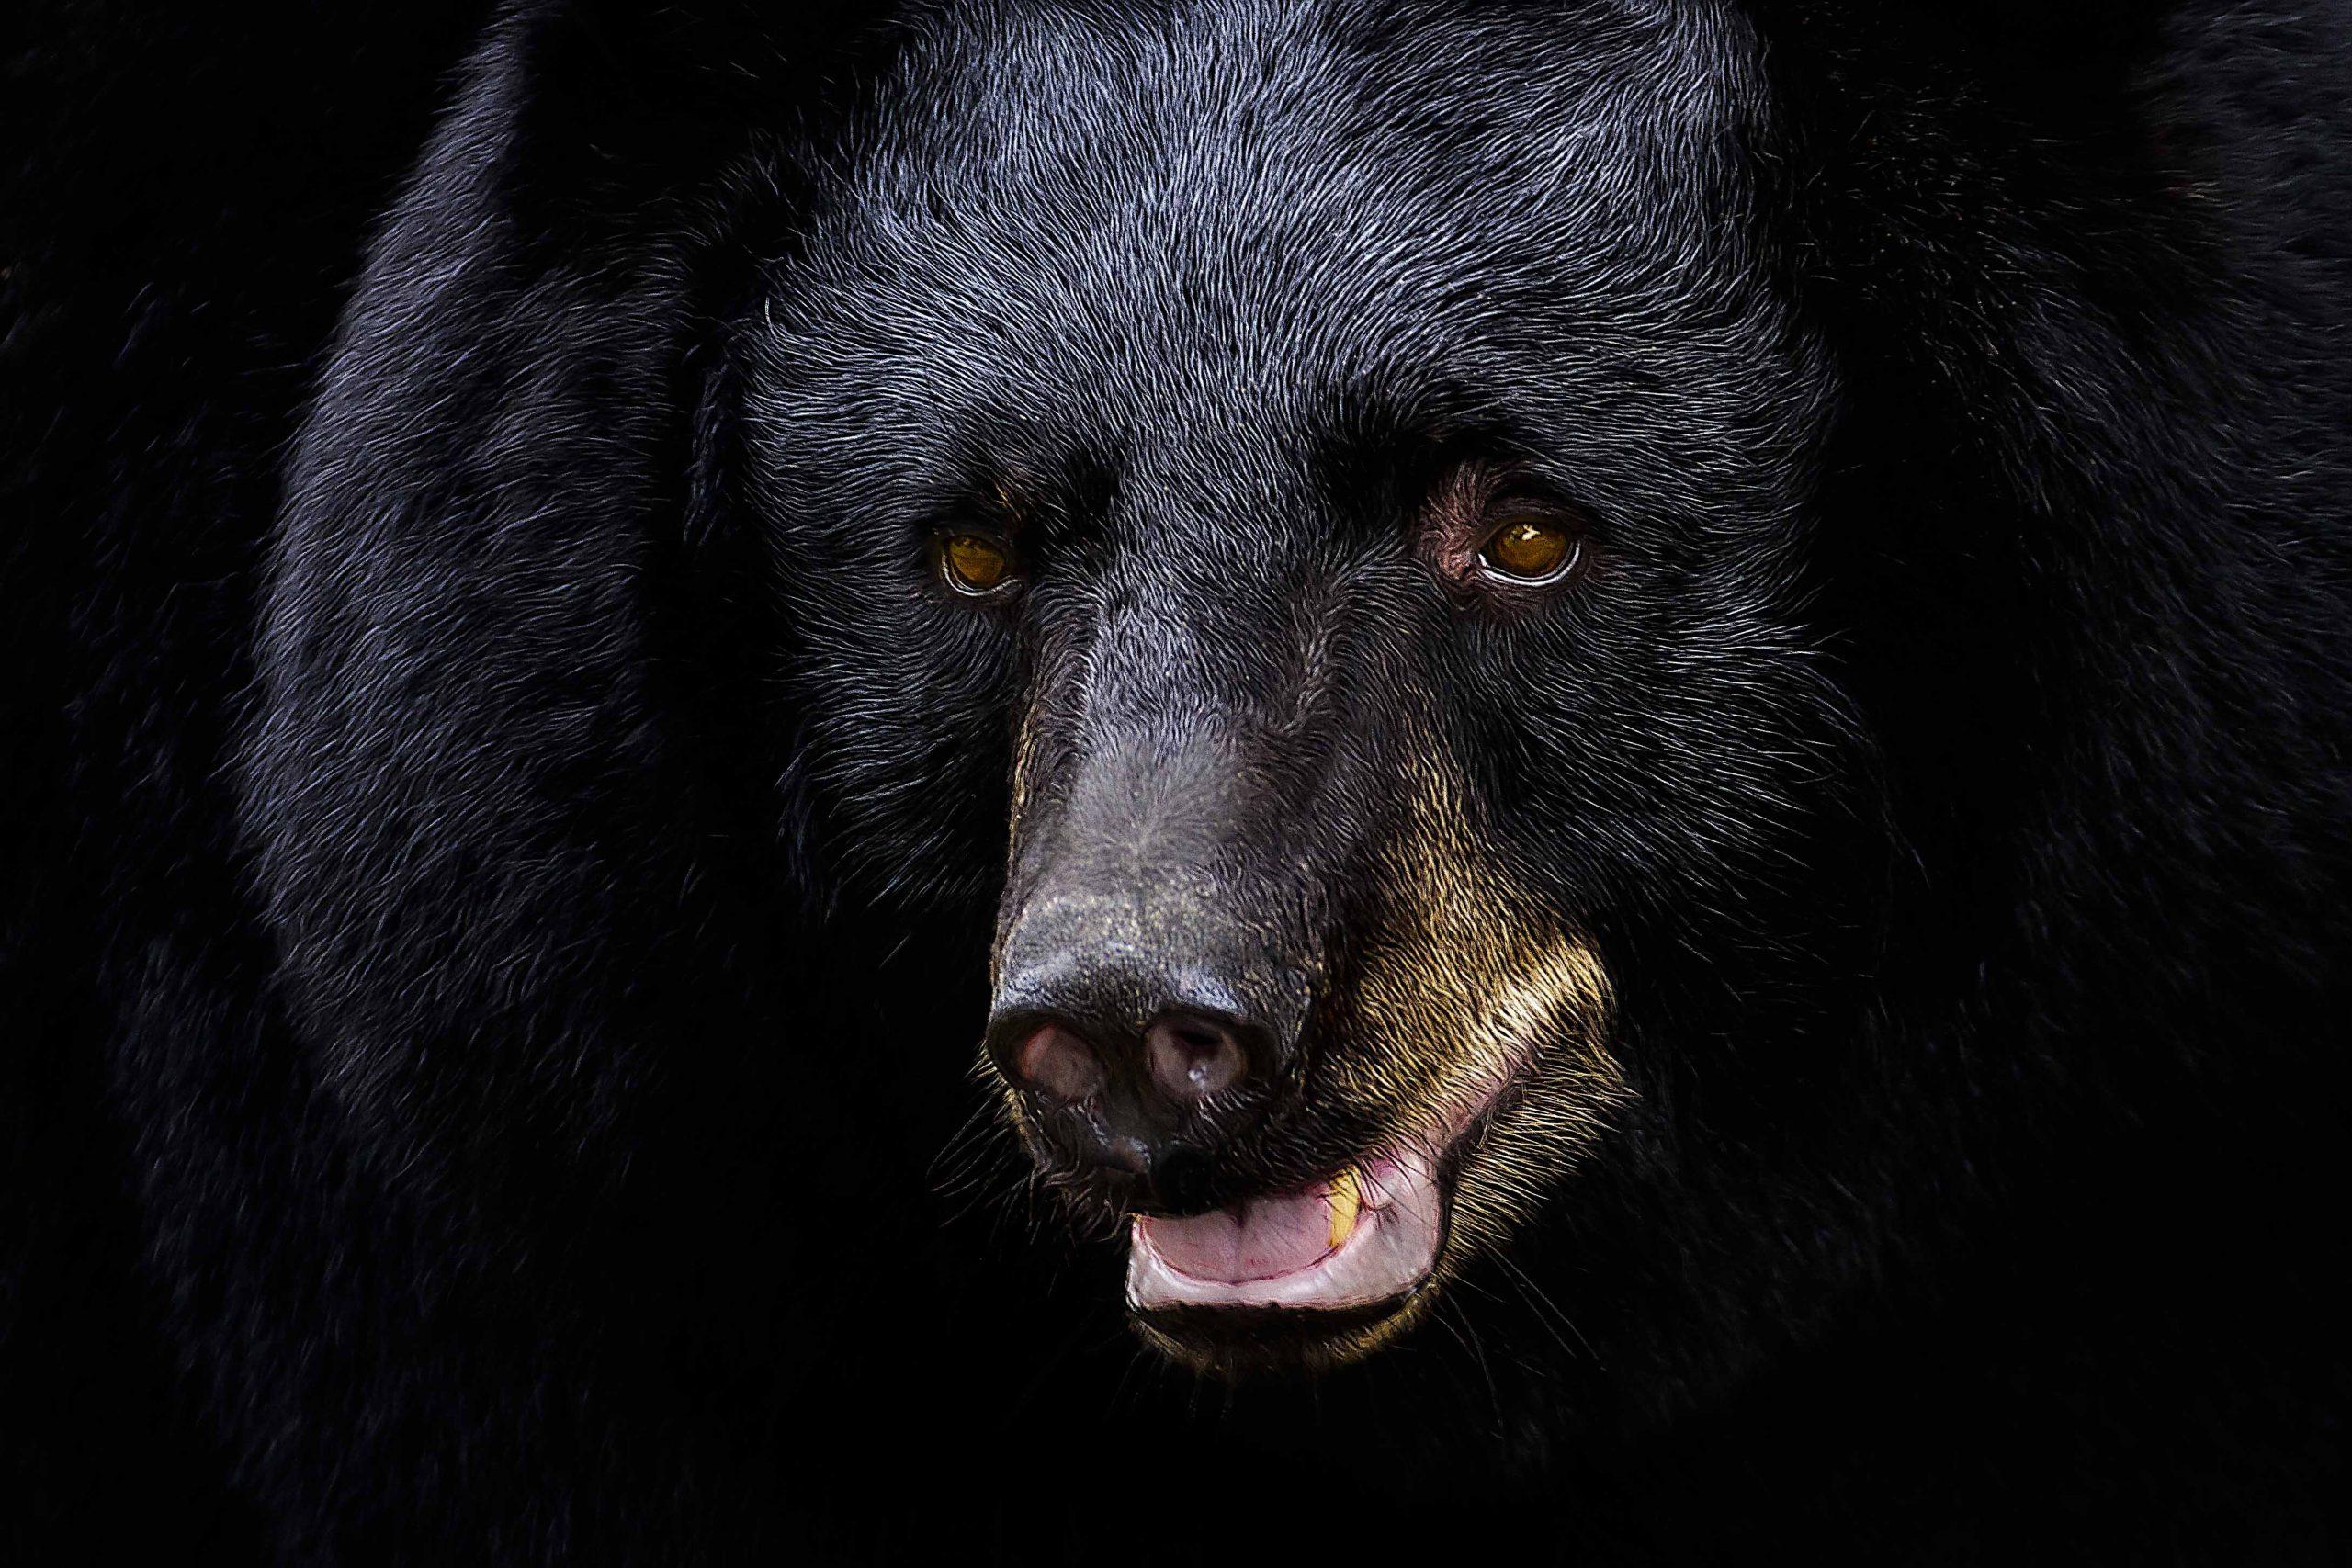 Creature Feature: Florida Black Bear